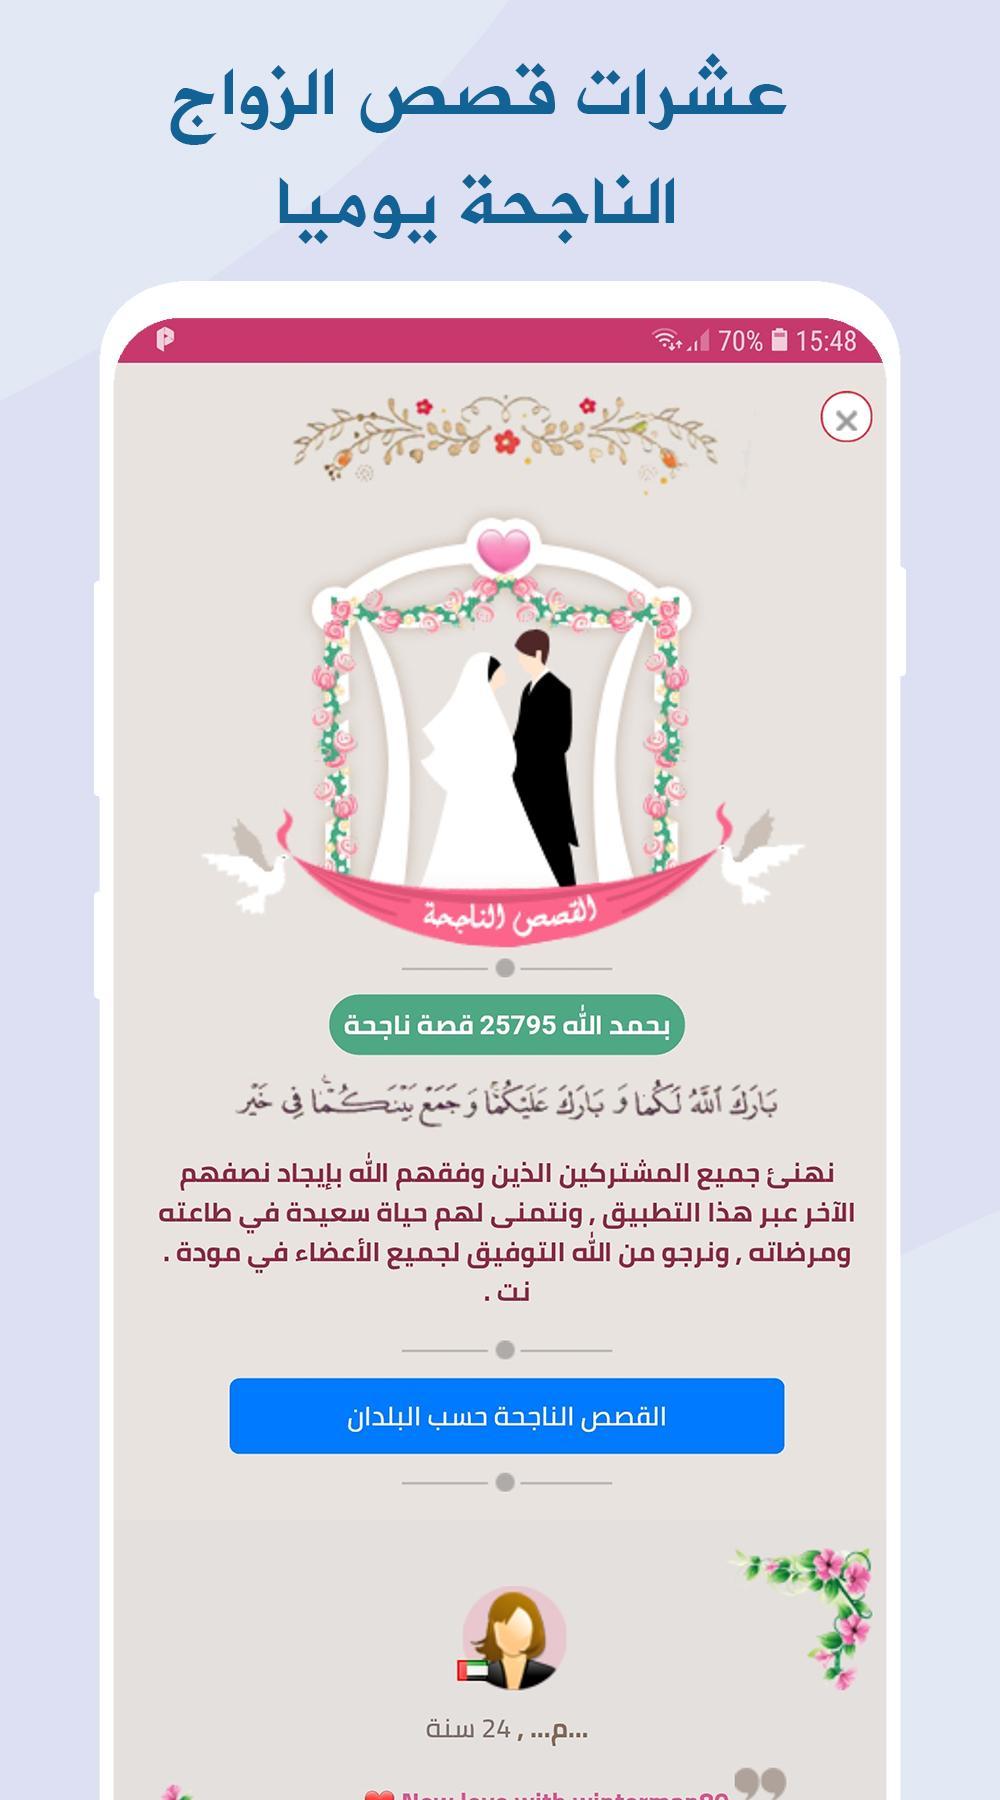 مودة : زواج اسلامي